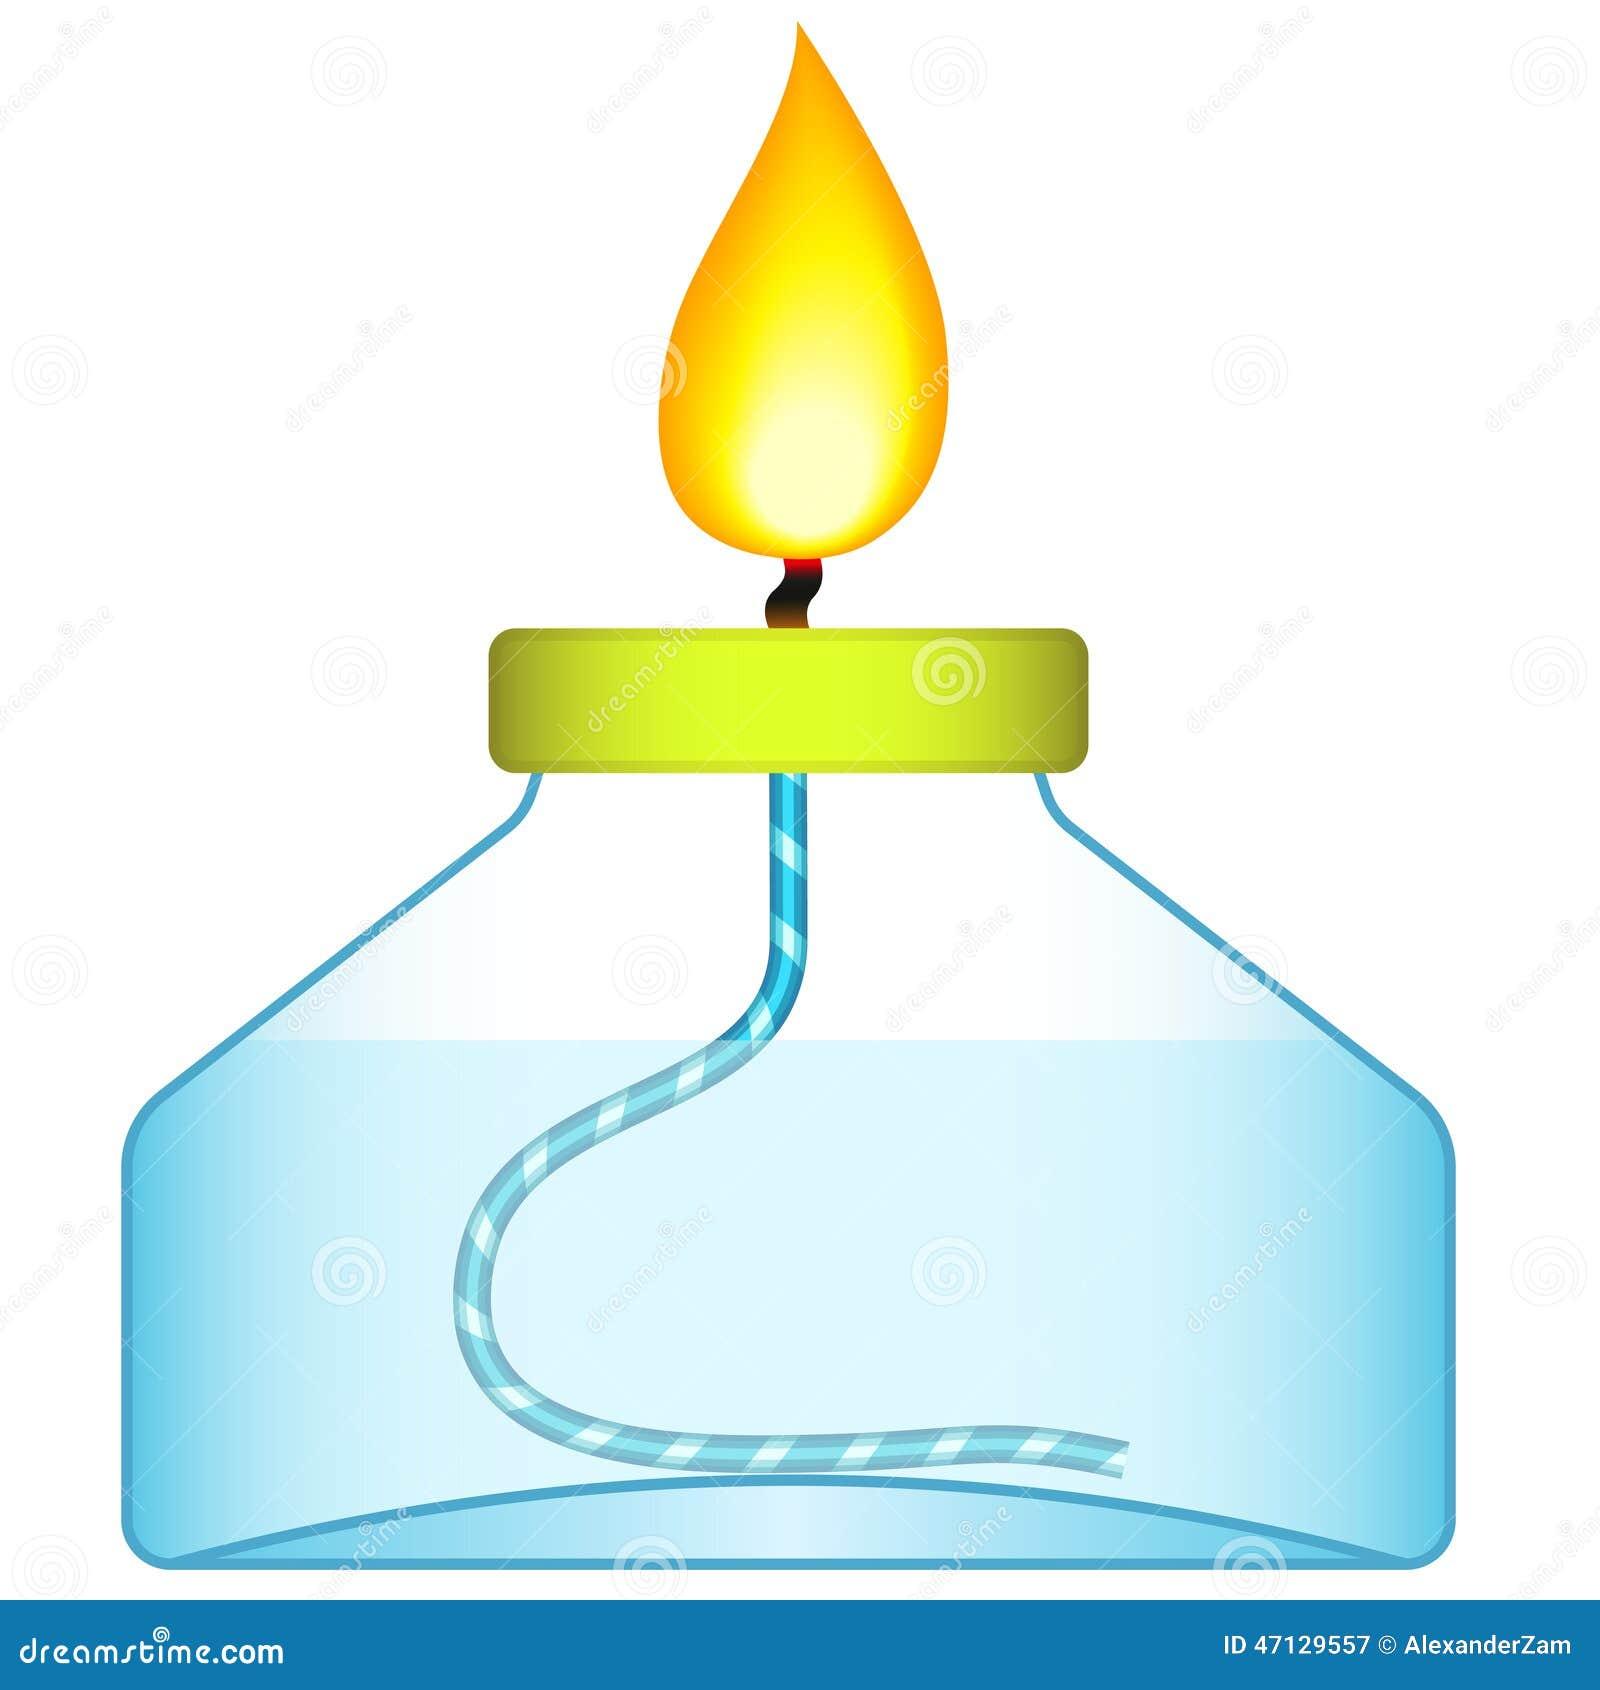 how to make a spirit burner